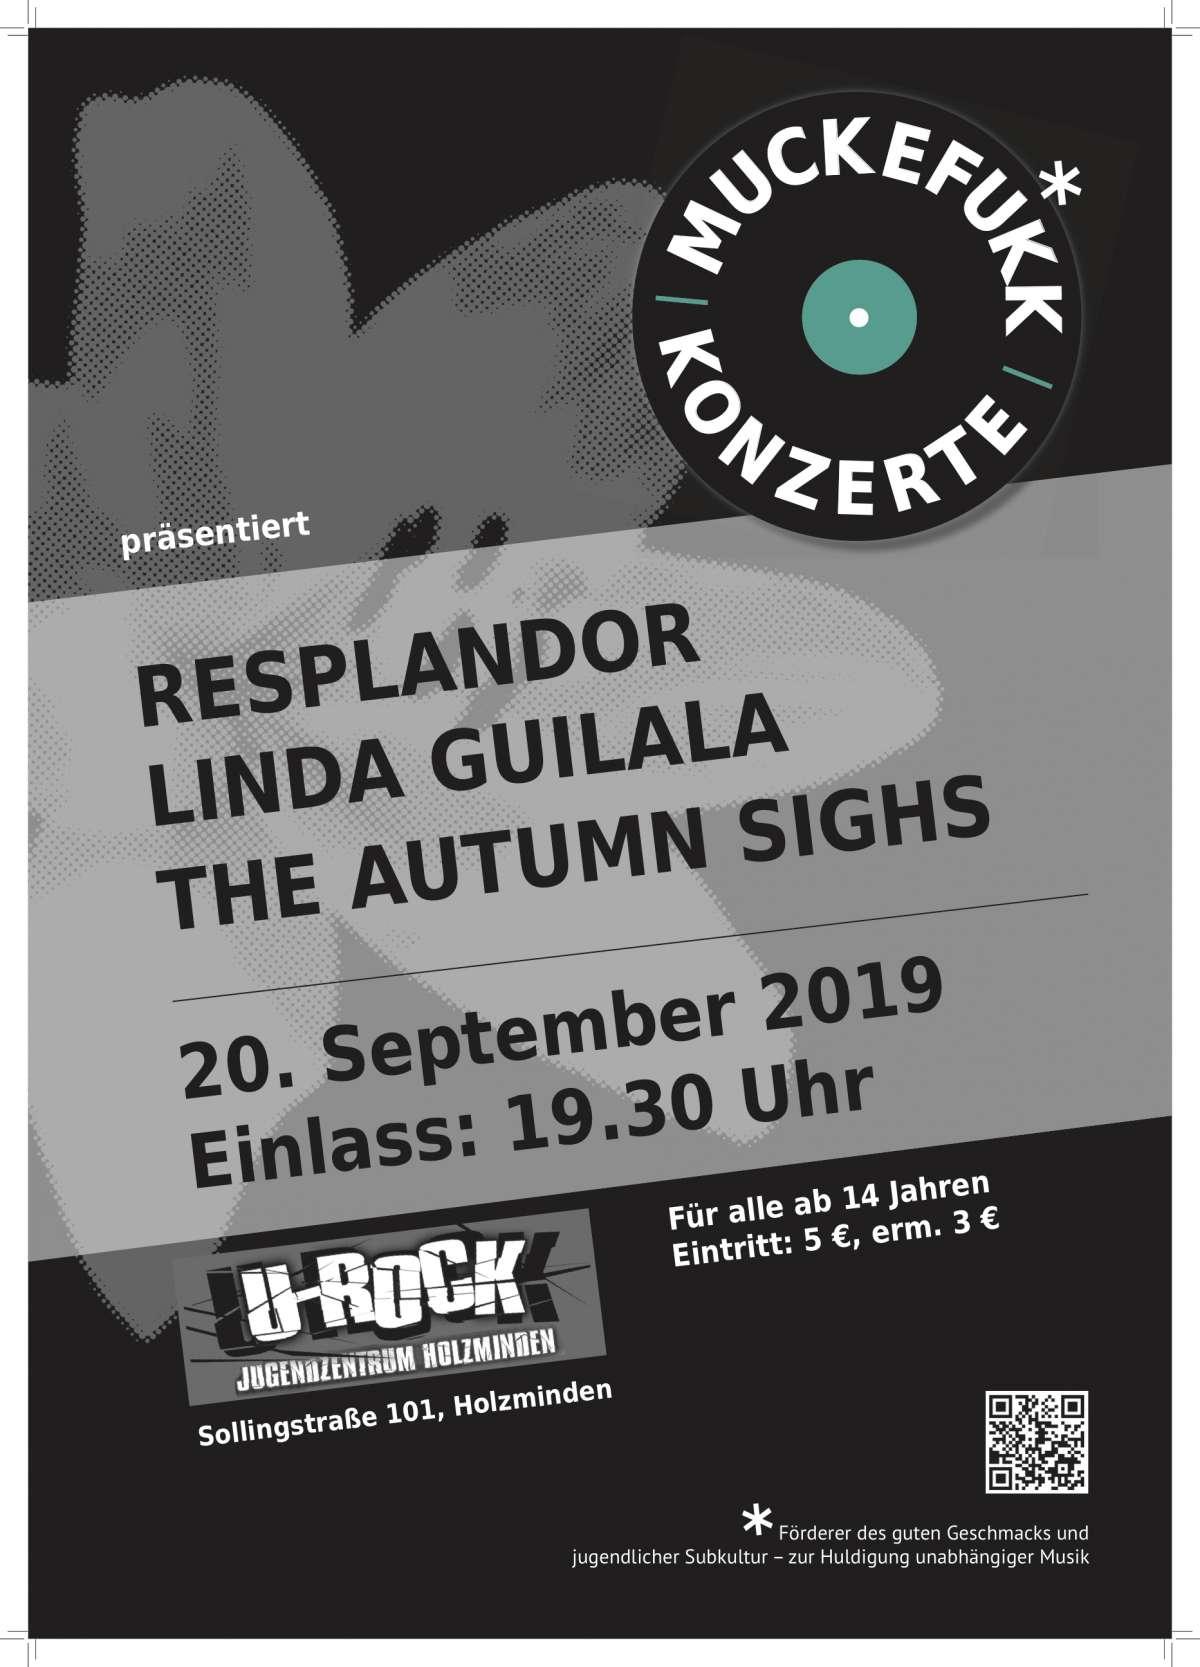 Veranstaltungen & Events am »Freitag, 20. September 2019« in deiner Nähe...